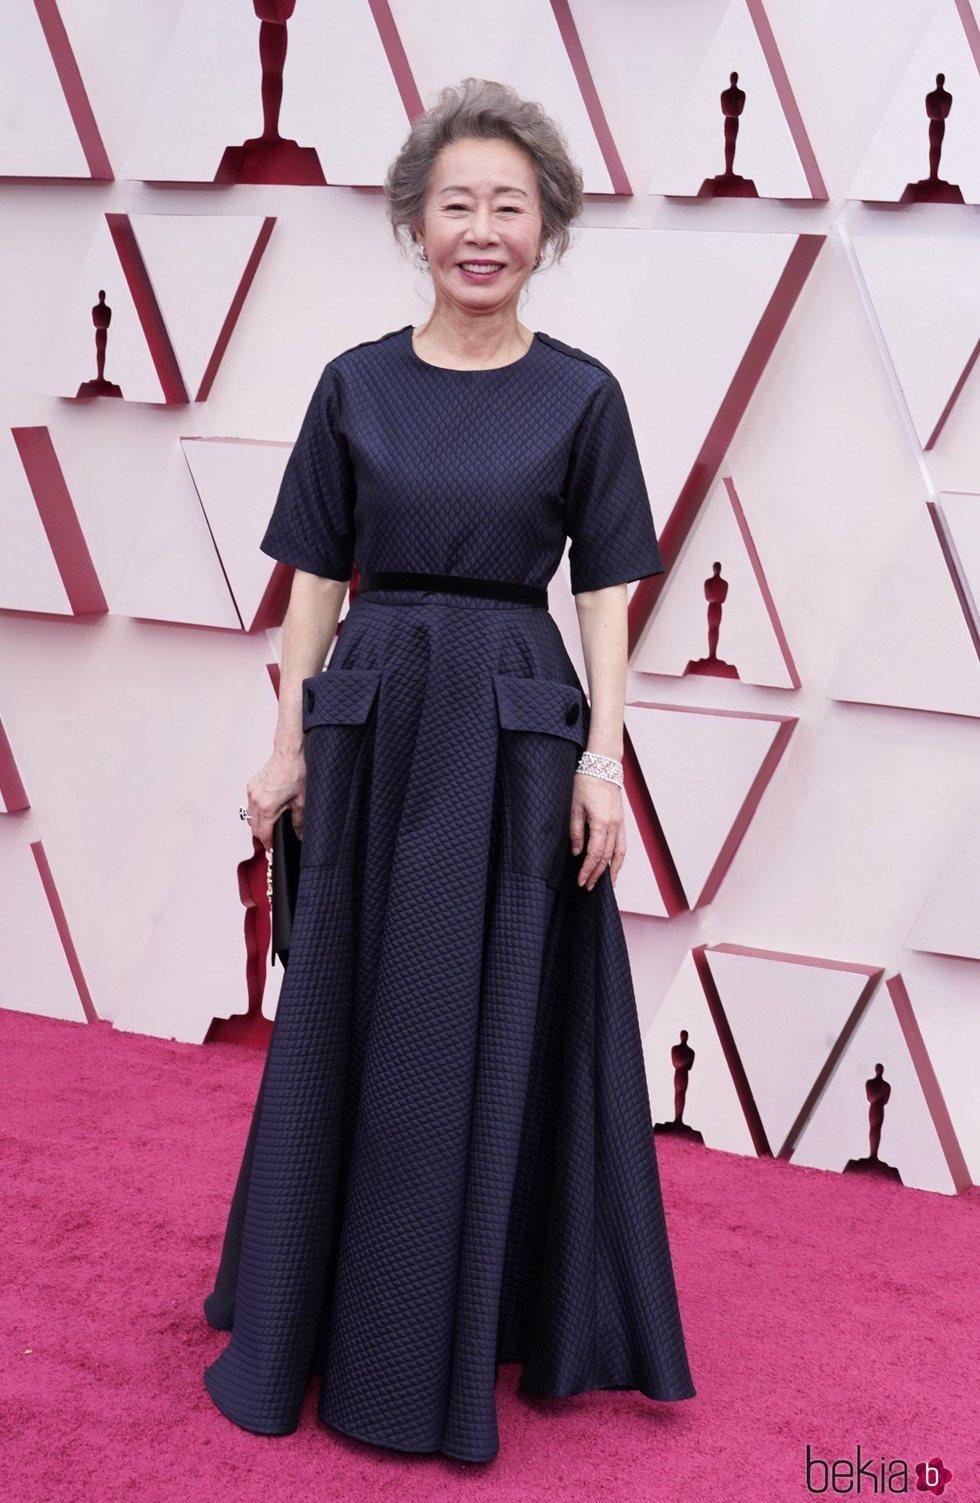 Youn Yuh en la alfombra roja de los Premios Oscar 2021